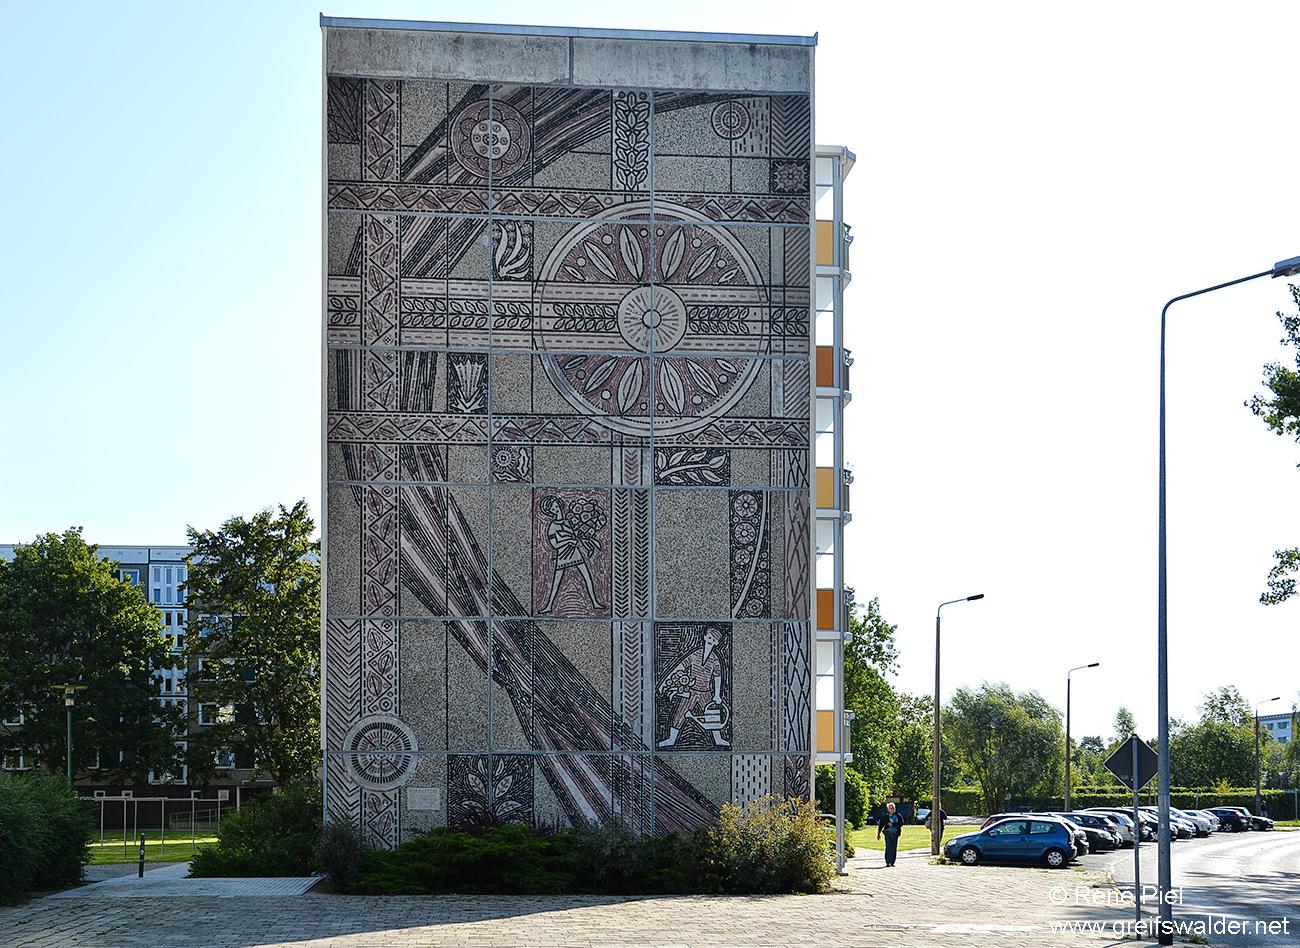 Greifswald - Fassade im Dubnaring